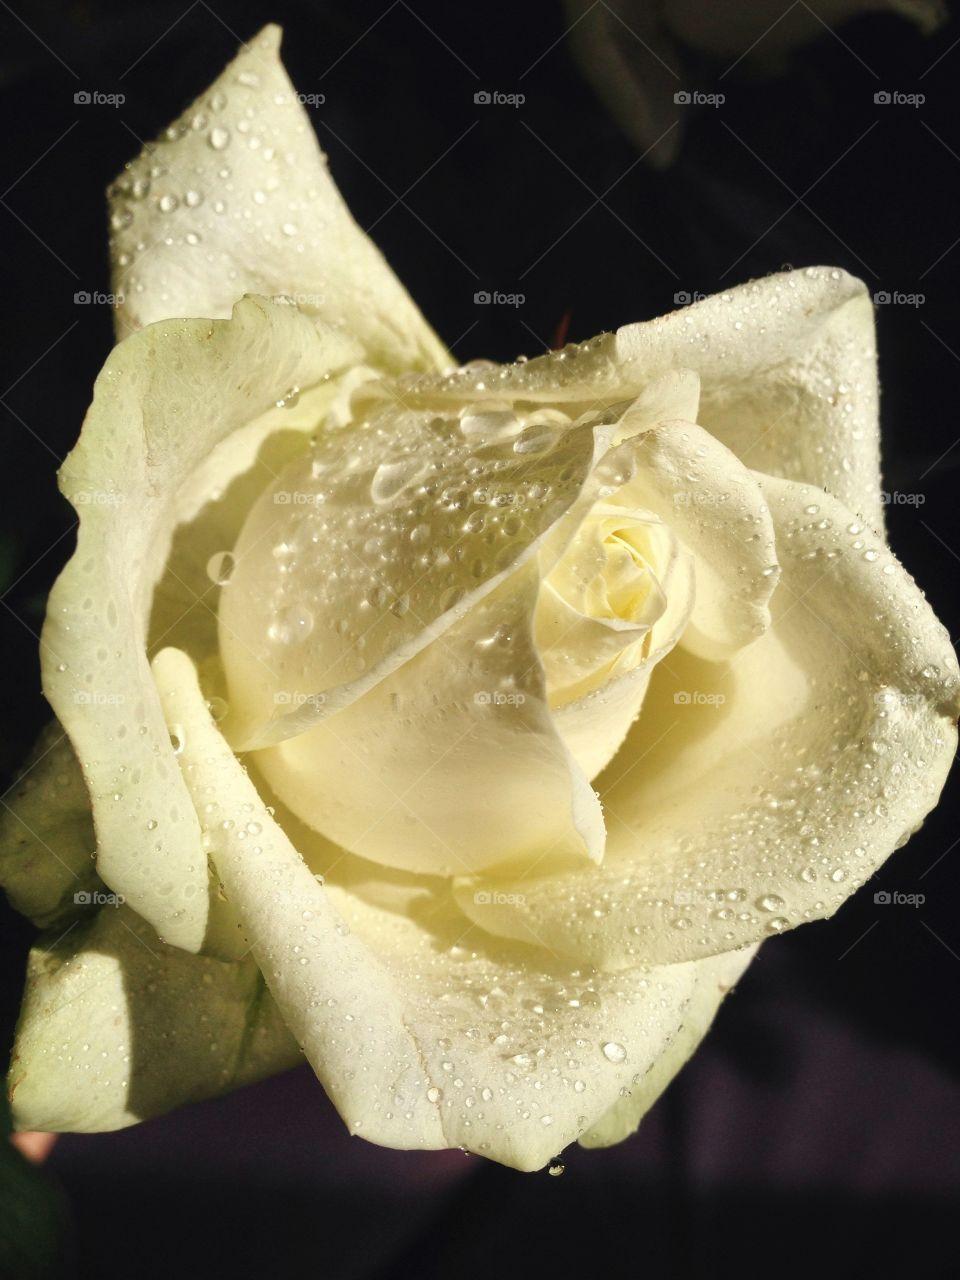 Rose . Raindrops on the flower